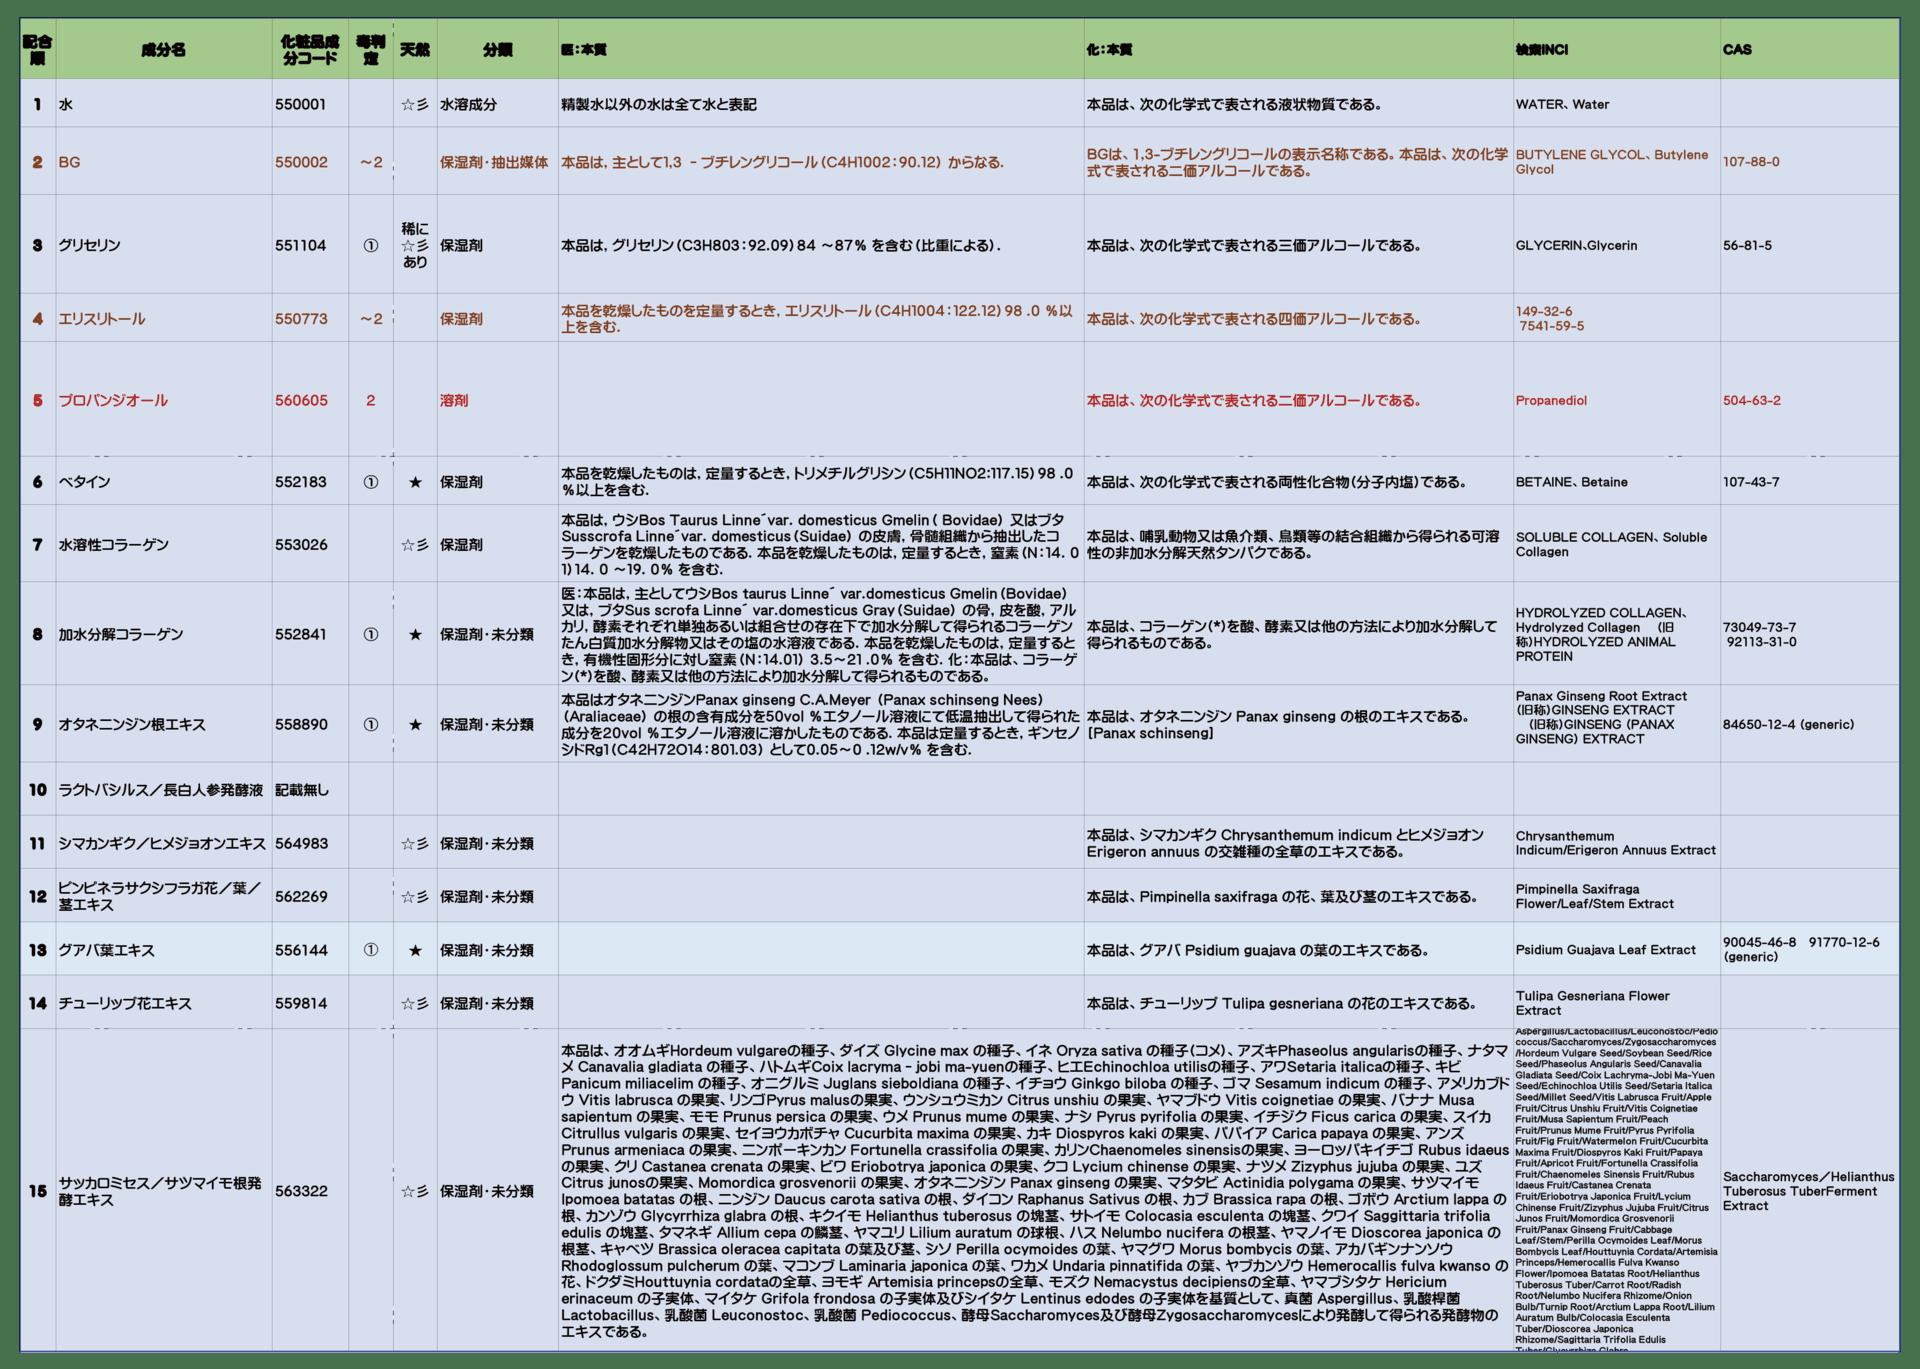 化粧品の成分おたく さえぽんの日記 (2017年7月化粧品成分検定1級【上級スペシャリスト認定】所得しました)